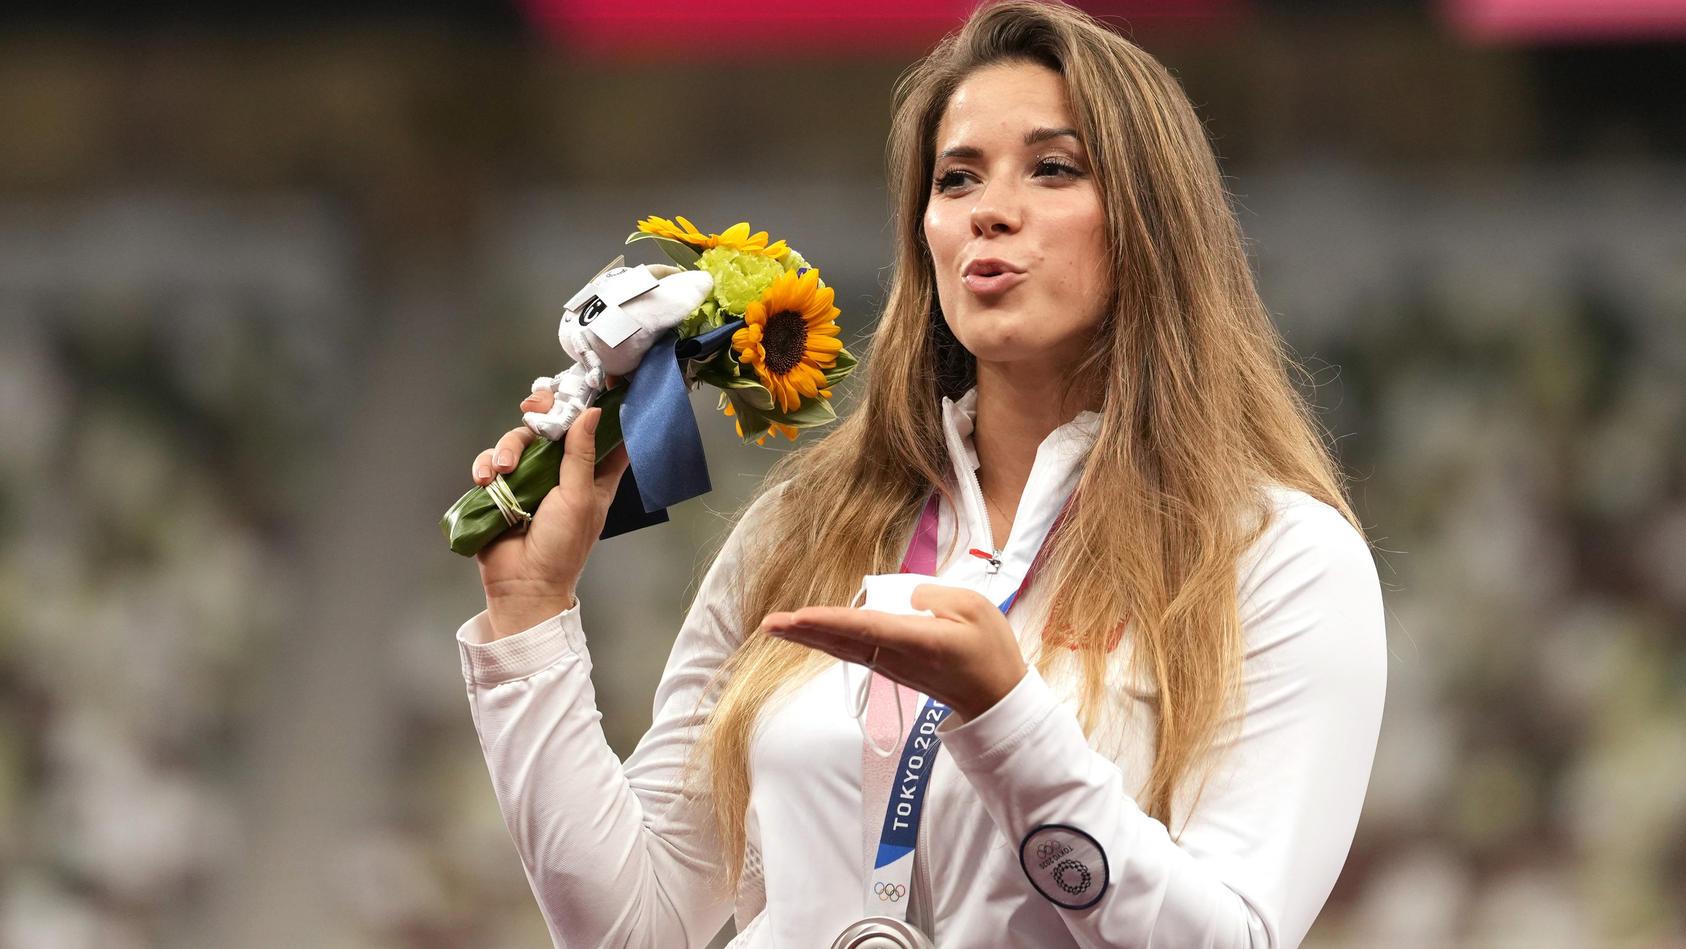 Maria Andrejczyk gewann Silber in Tokio im Speerwurf.